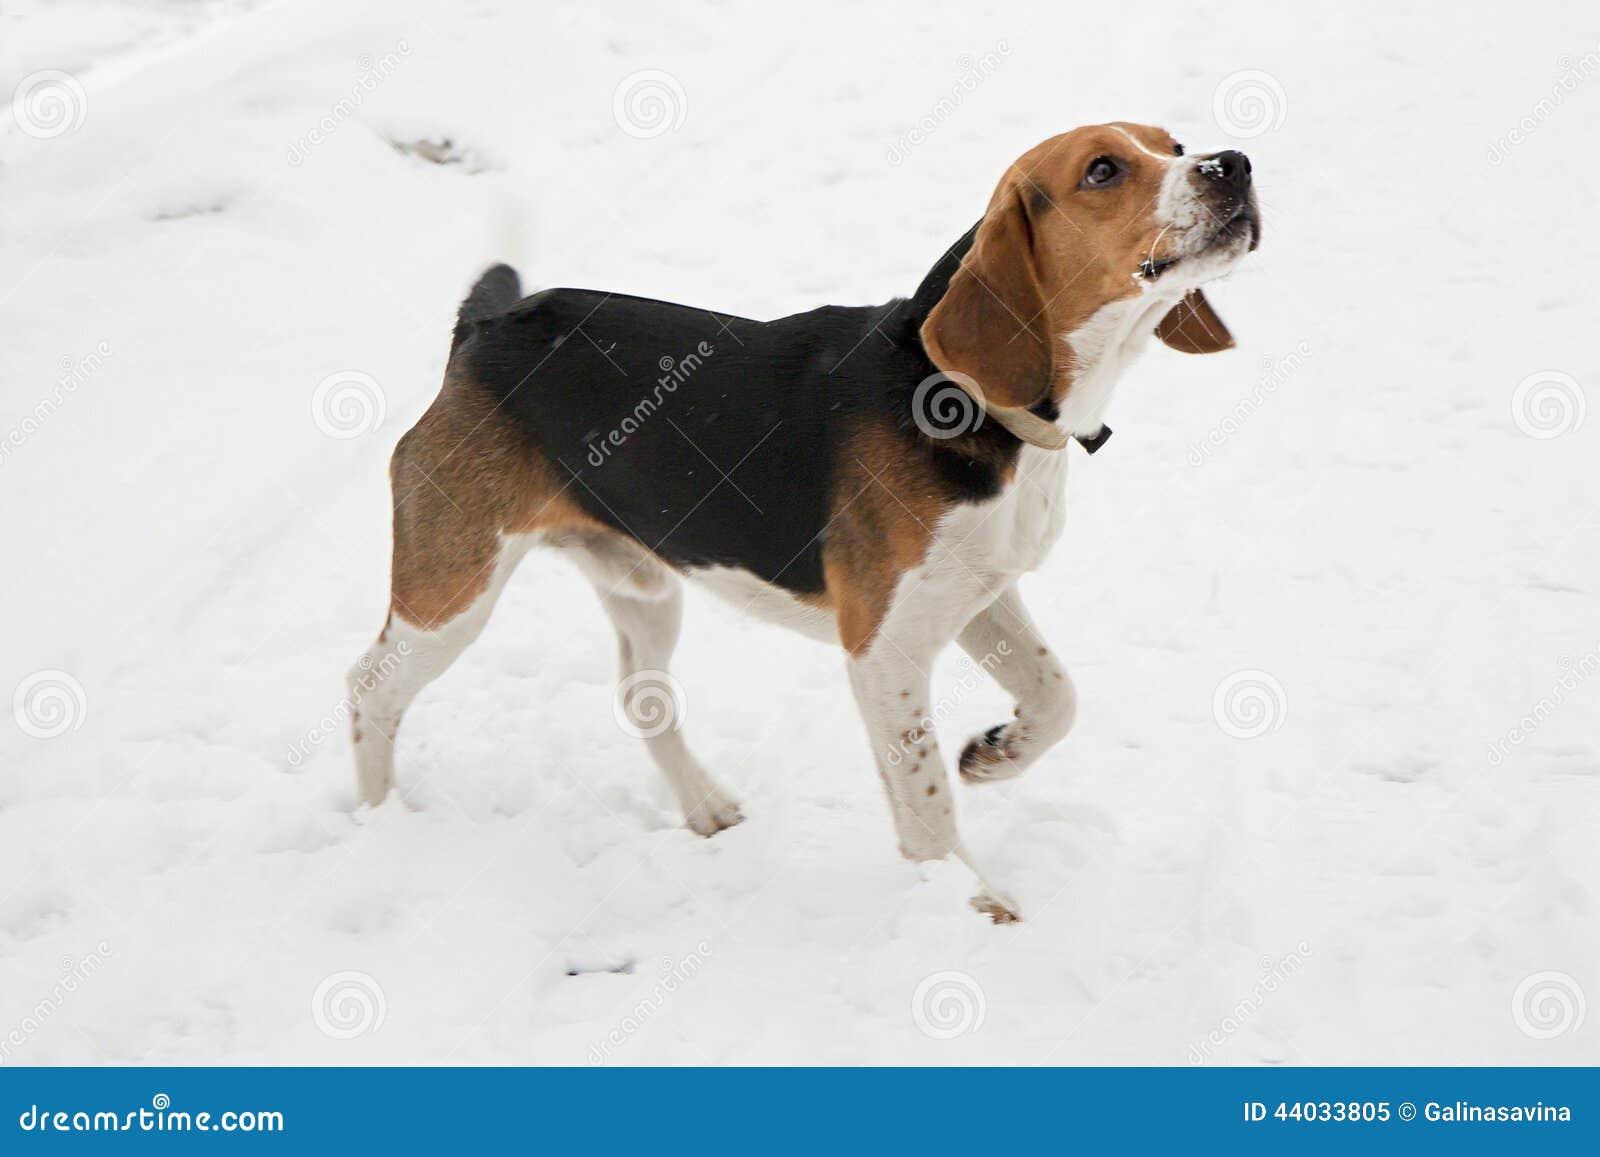 Beagle Del Perro Imagen De Archivo Imagen De Animal 44033805